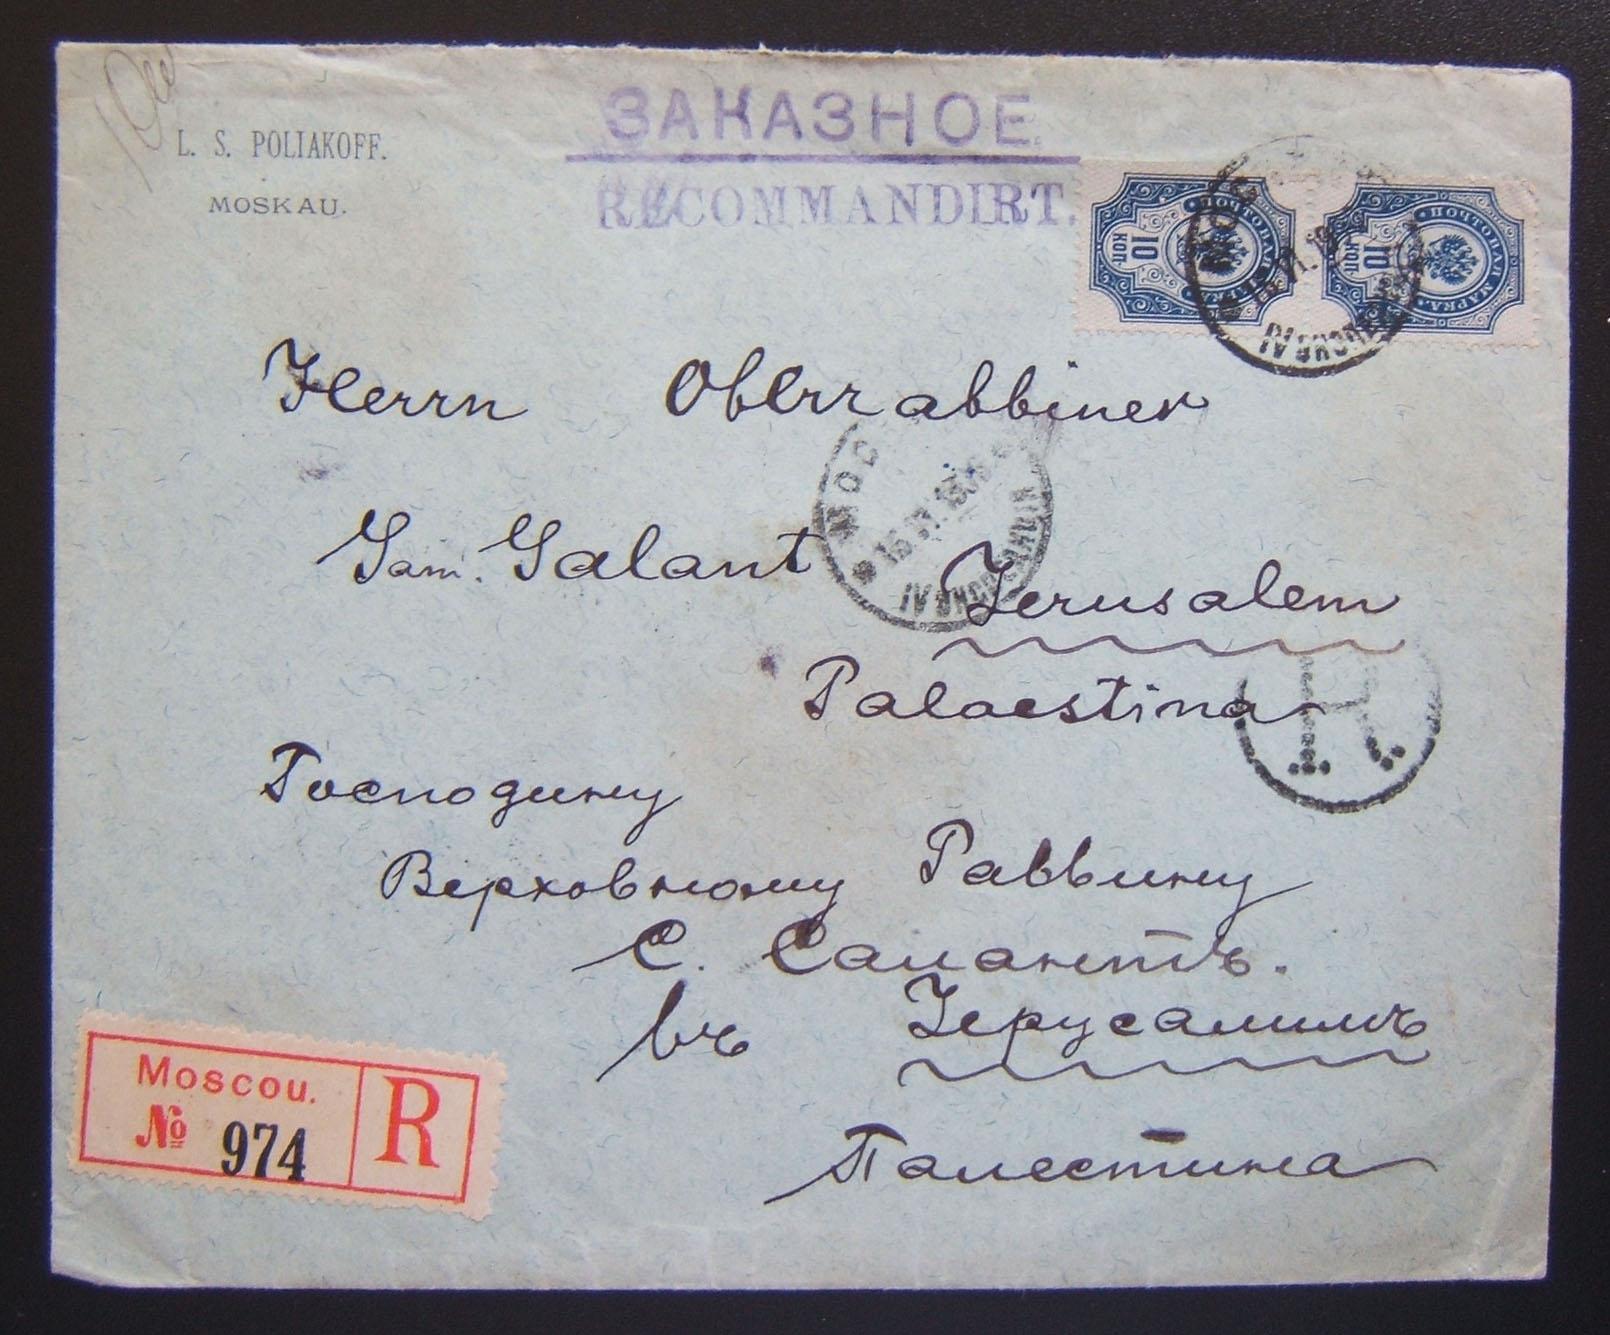 6/1900 البريد المسجل في روسيا من Poliakoff MOSCOW إلى JERUSALEM Rabbi via ODESSA & Turkey